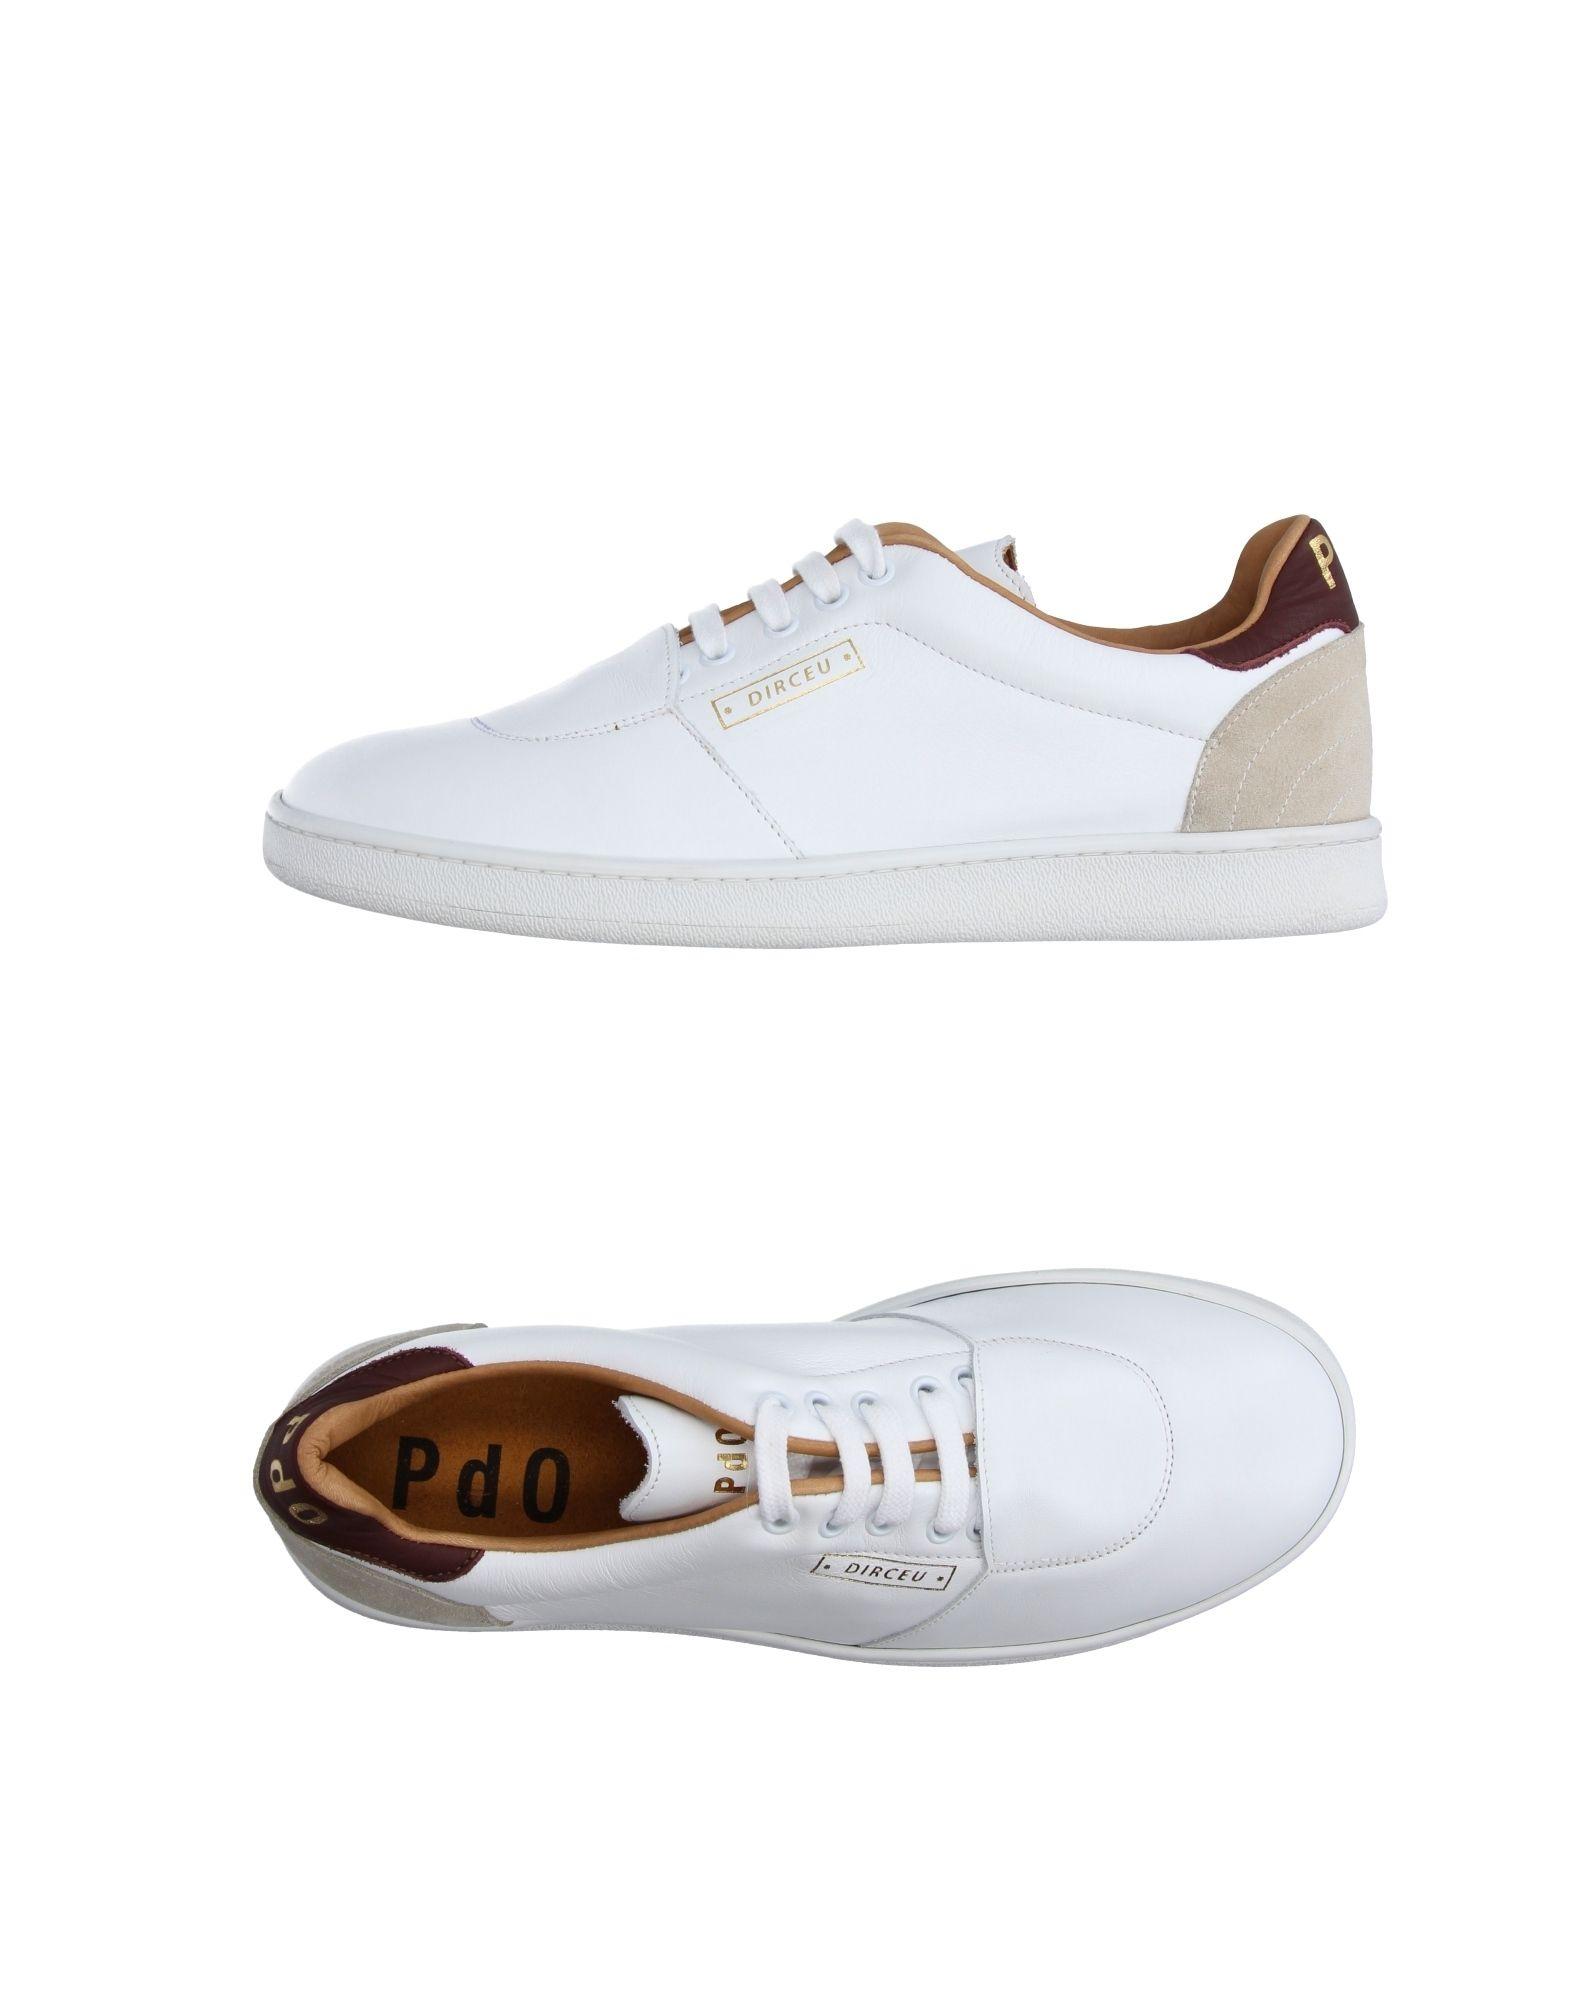 Scarpe da Ginnastica Uomo Pantofola D'oro Uomo Ginnastica - 11221905NS ece223